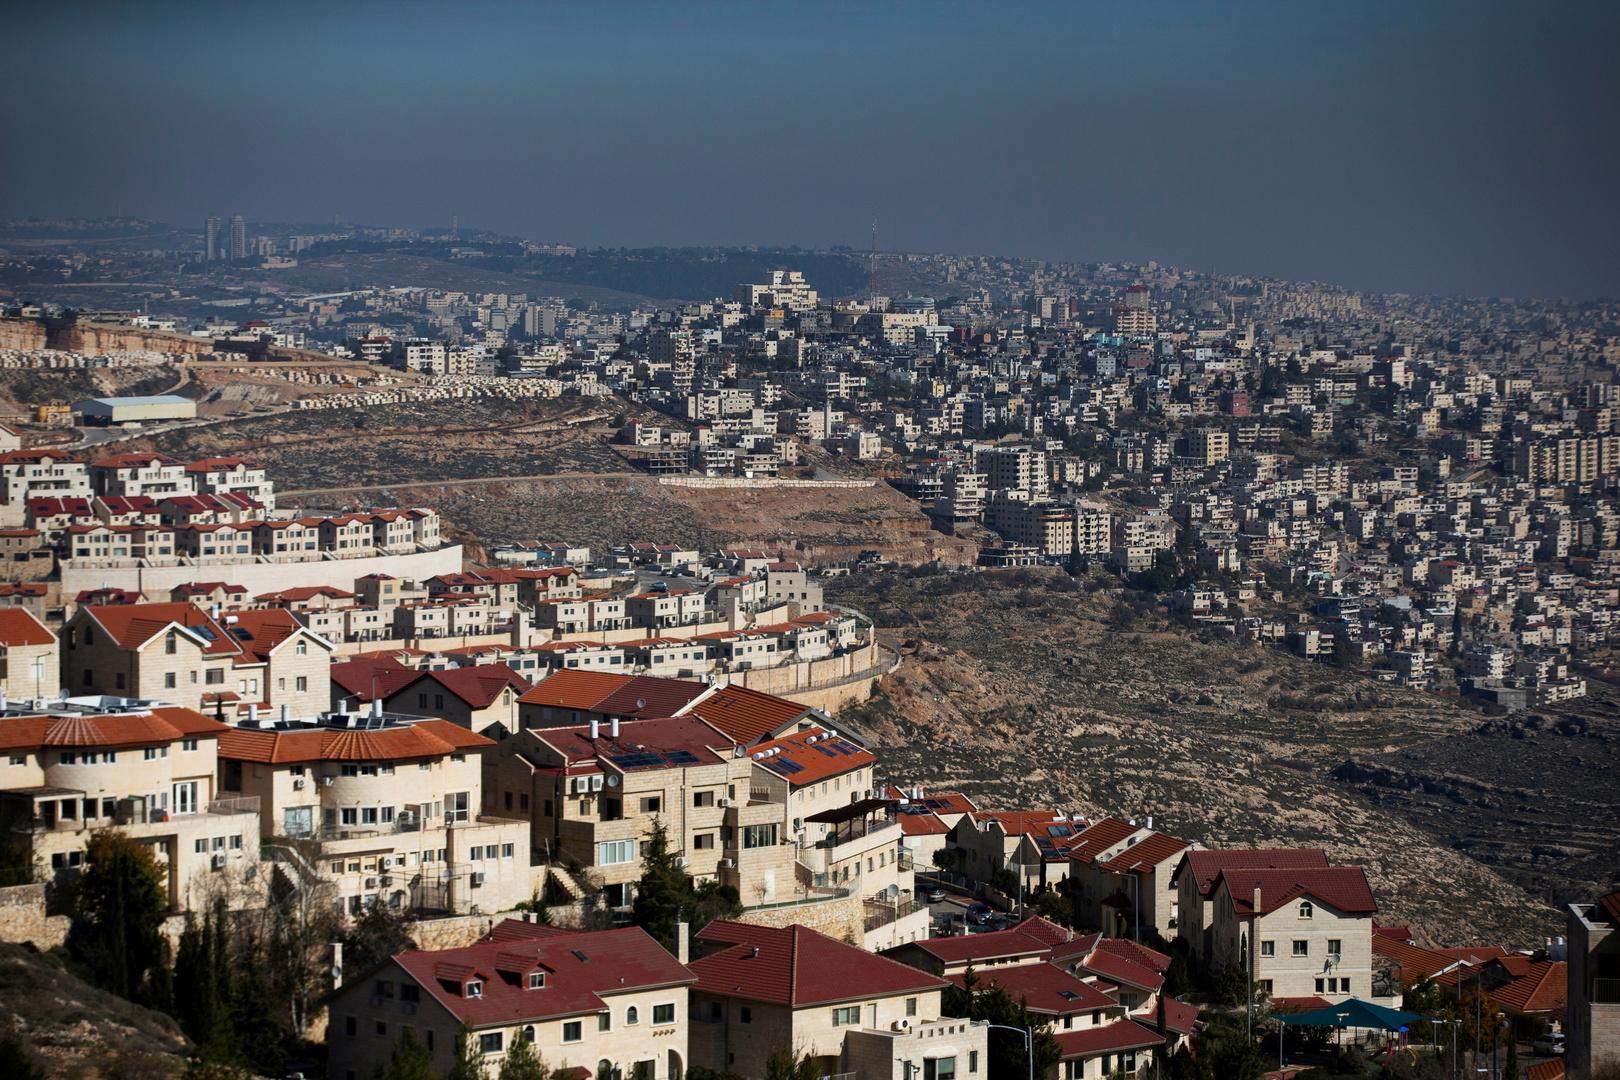 إسرائيل تصادق على ضم 147 دونما من أراضي بيت لحم